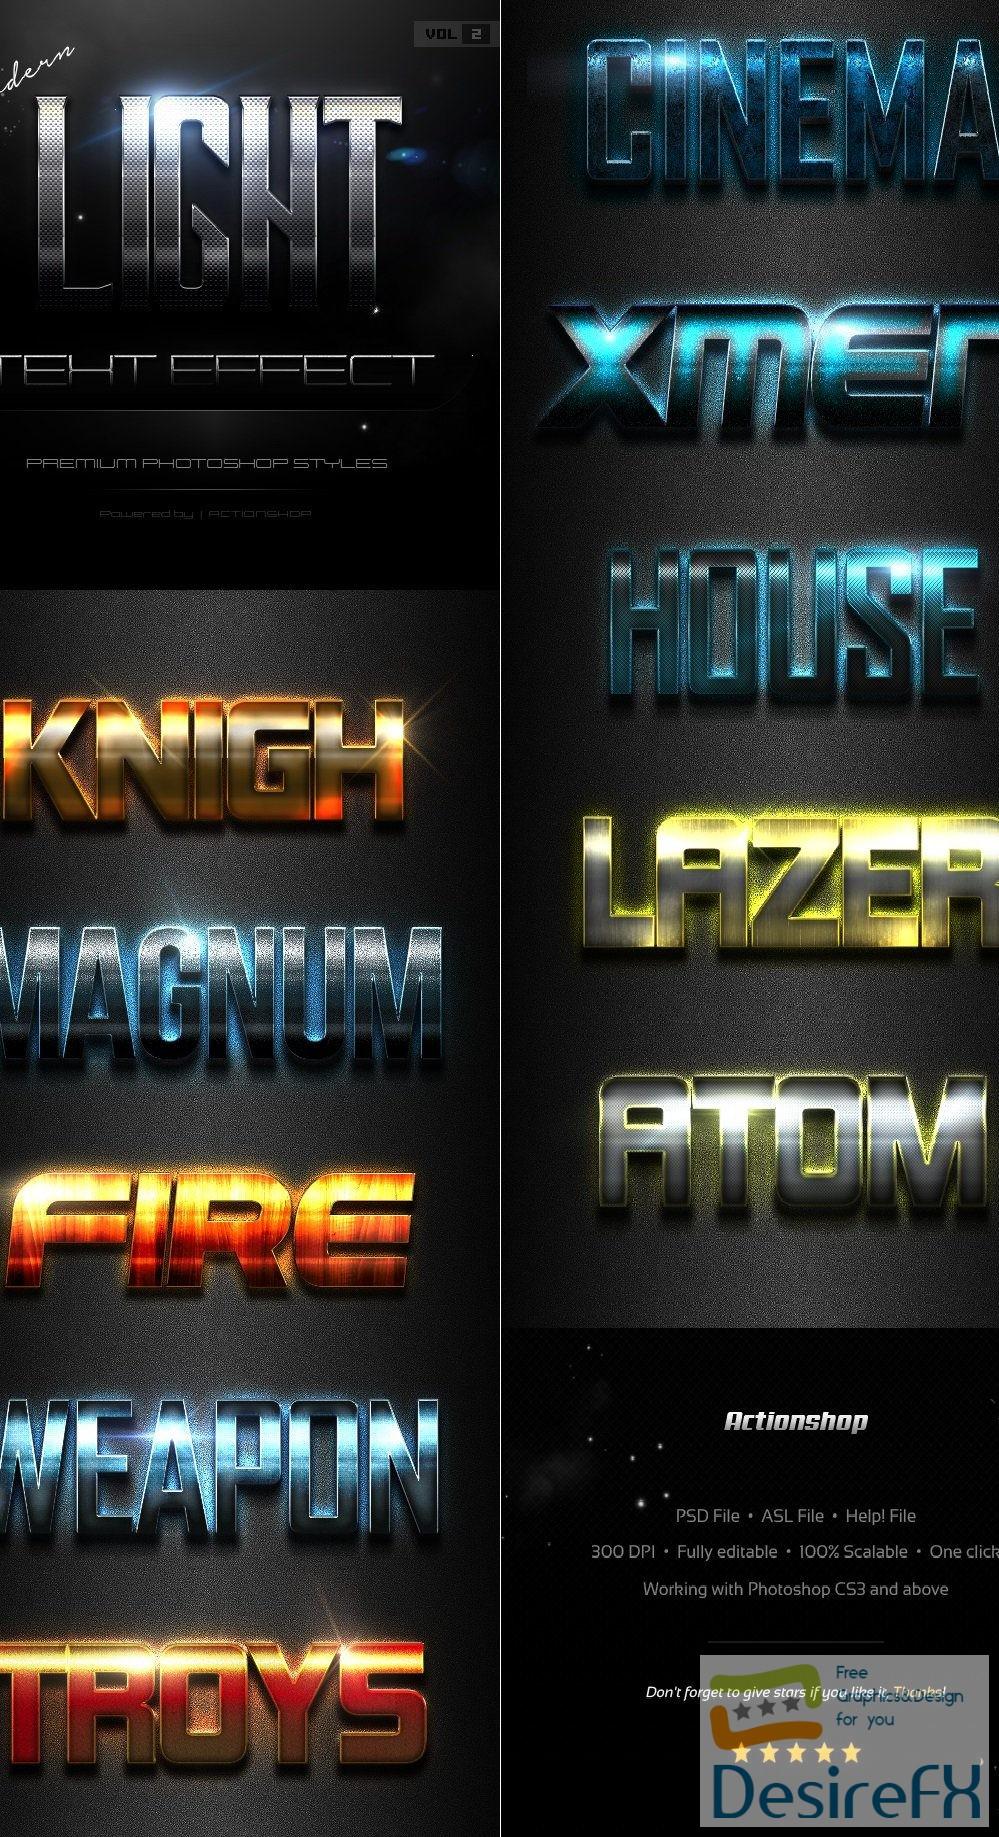 styles-asl - 10 Modern Light Text Effects Vol.2 19634638